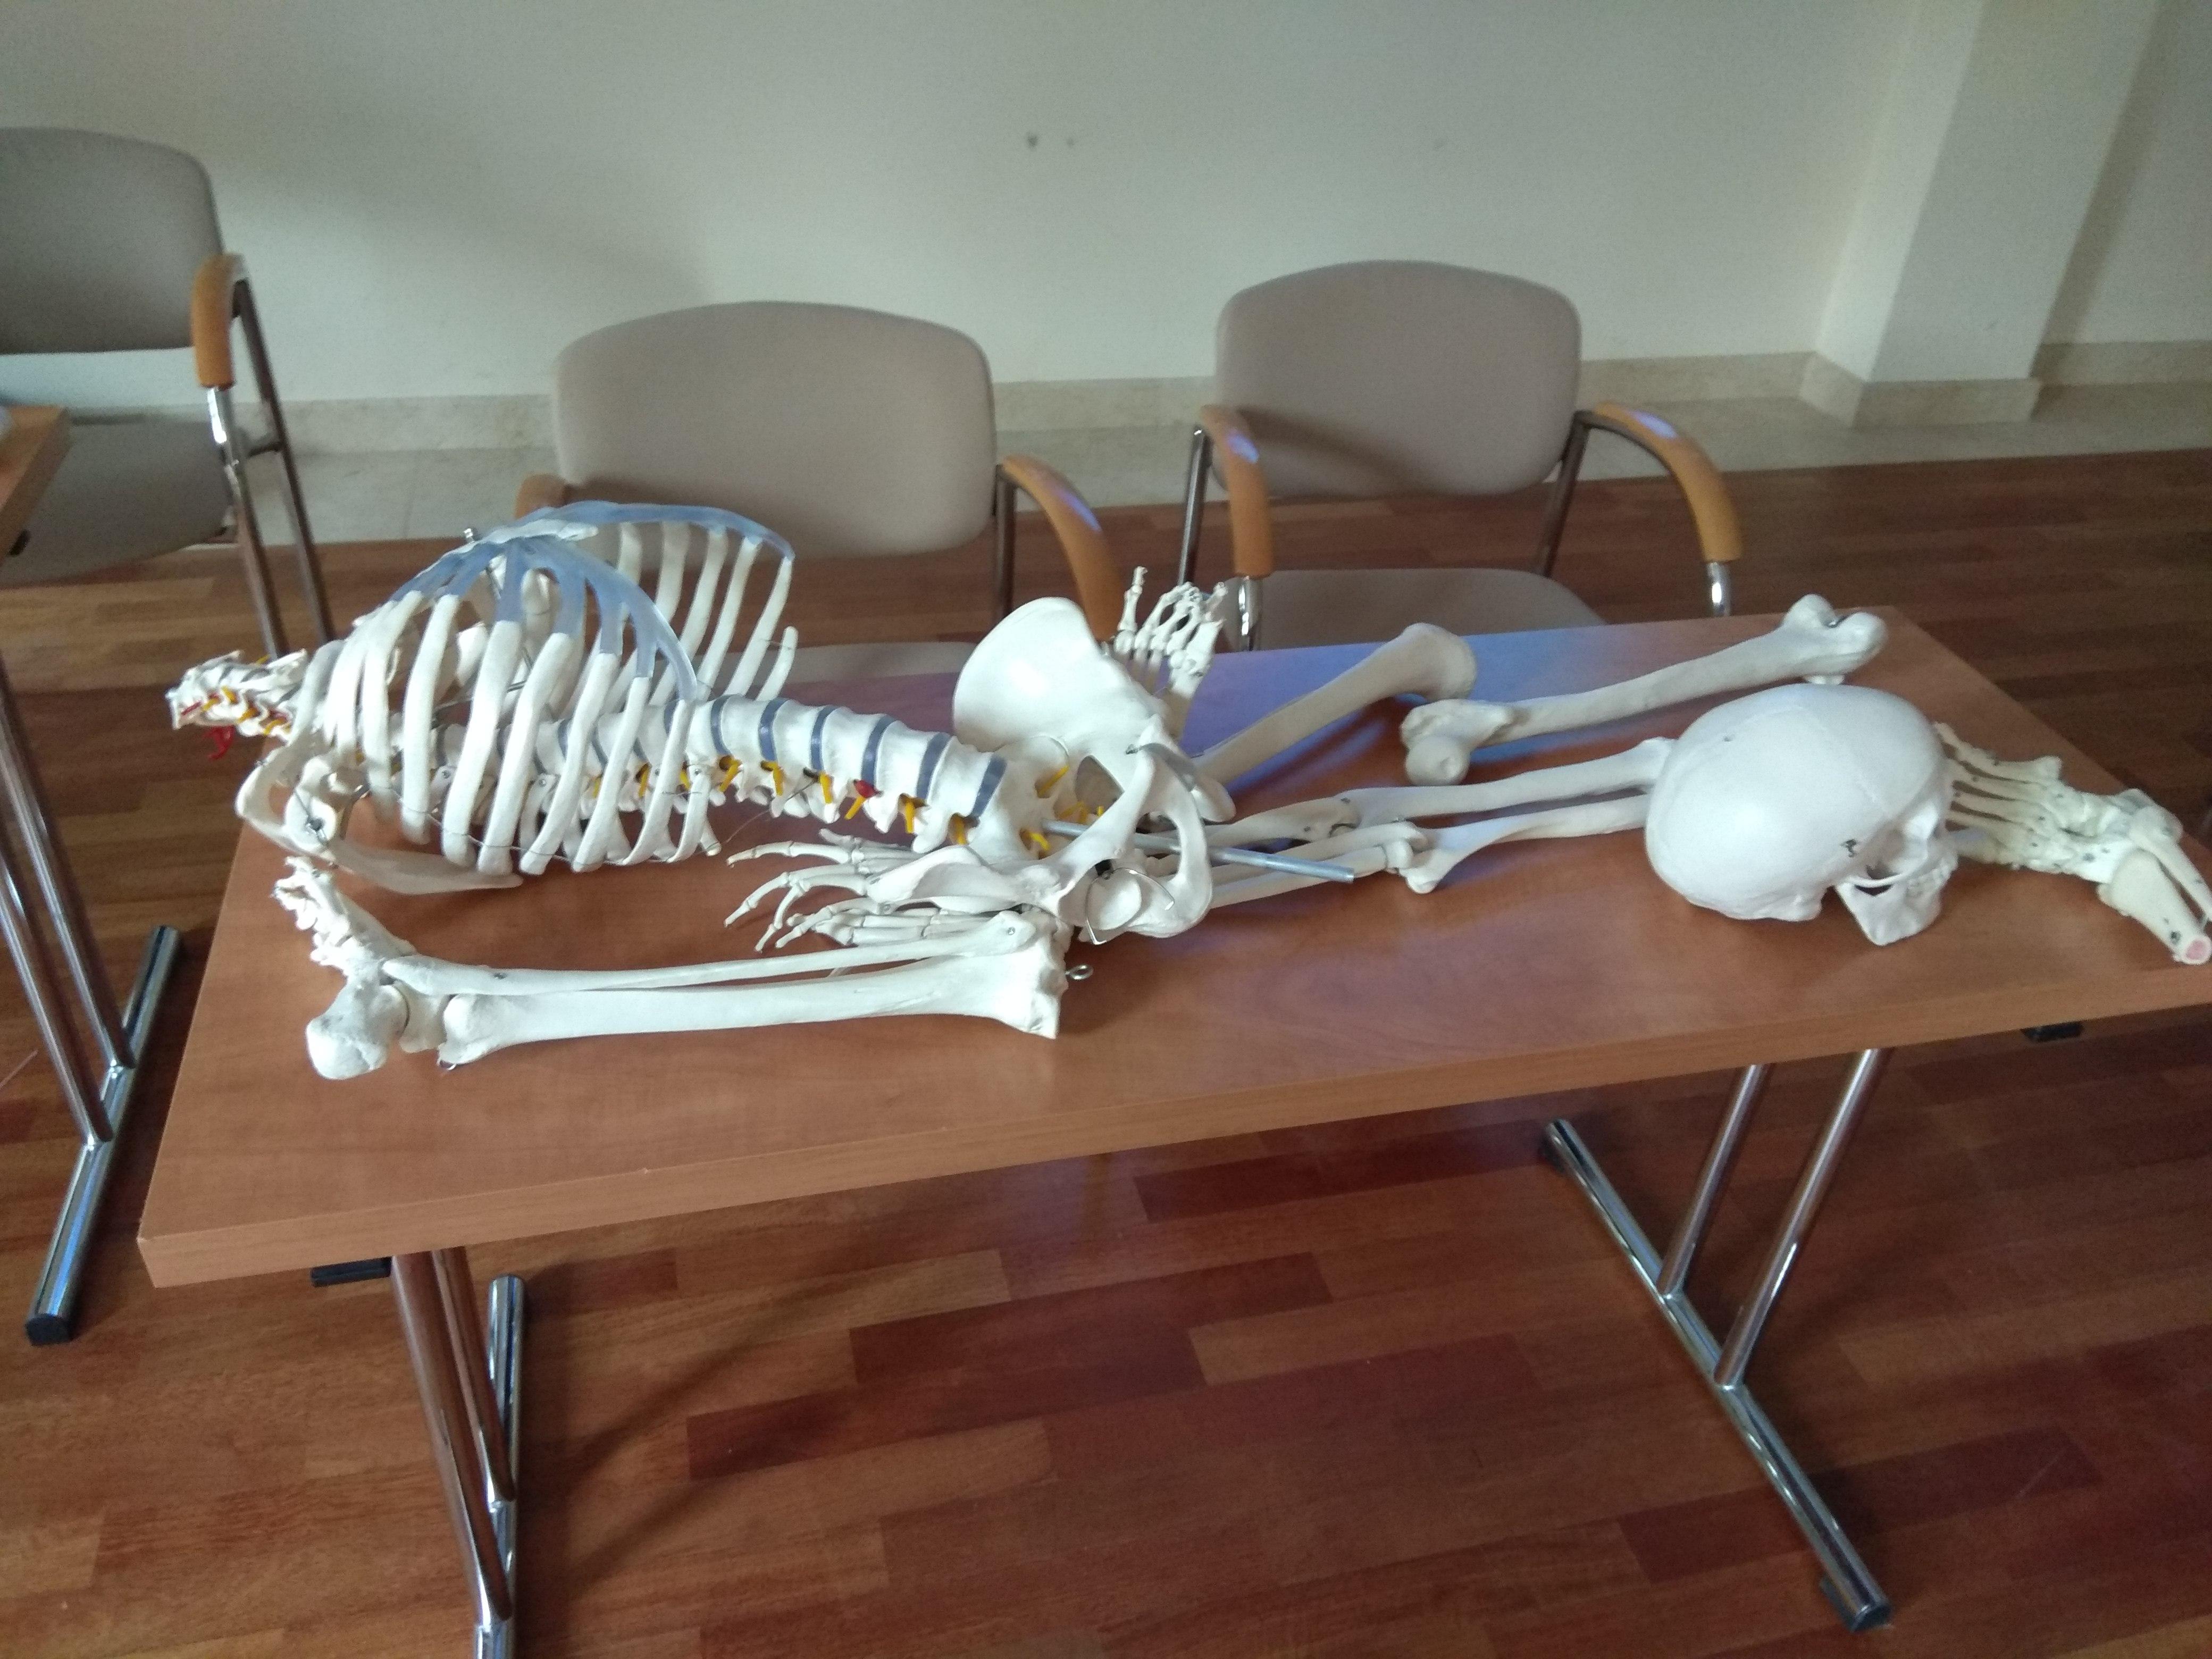 Prostokątny stół z jasnobrązowym blatem i metalowymi nogami. Na nim leży model ludzkiego szkieletu, czaszka leży oddzielnie, bliżej kończyn dolnych.